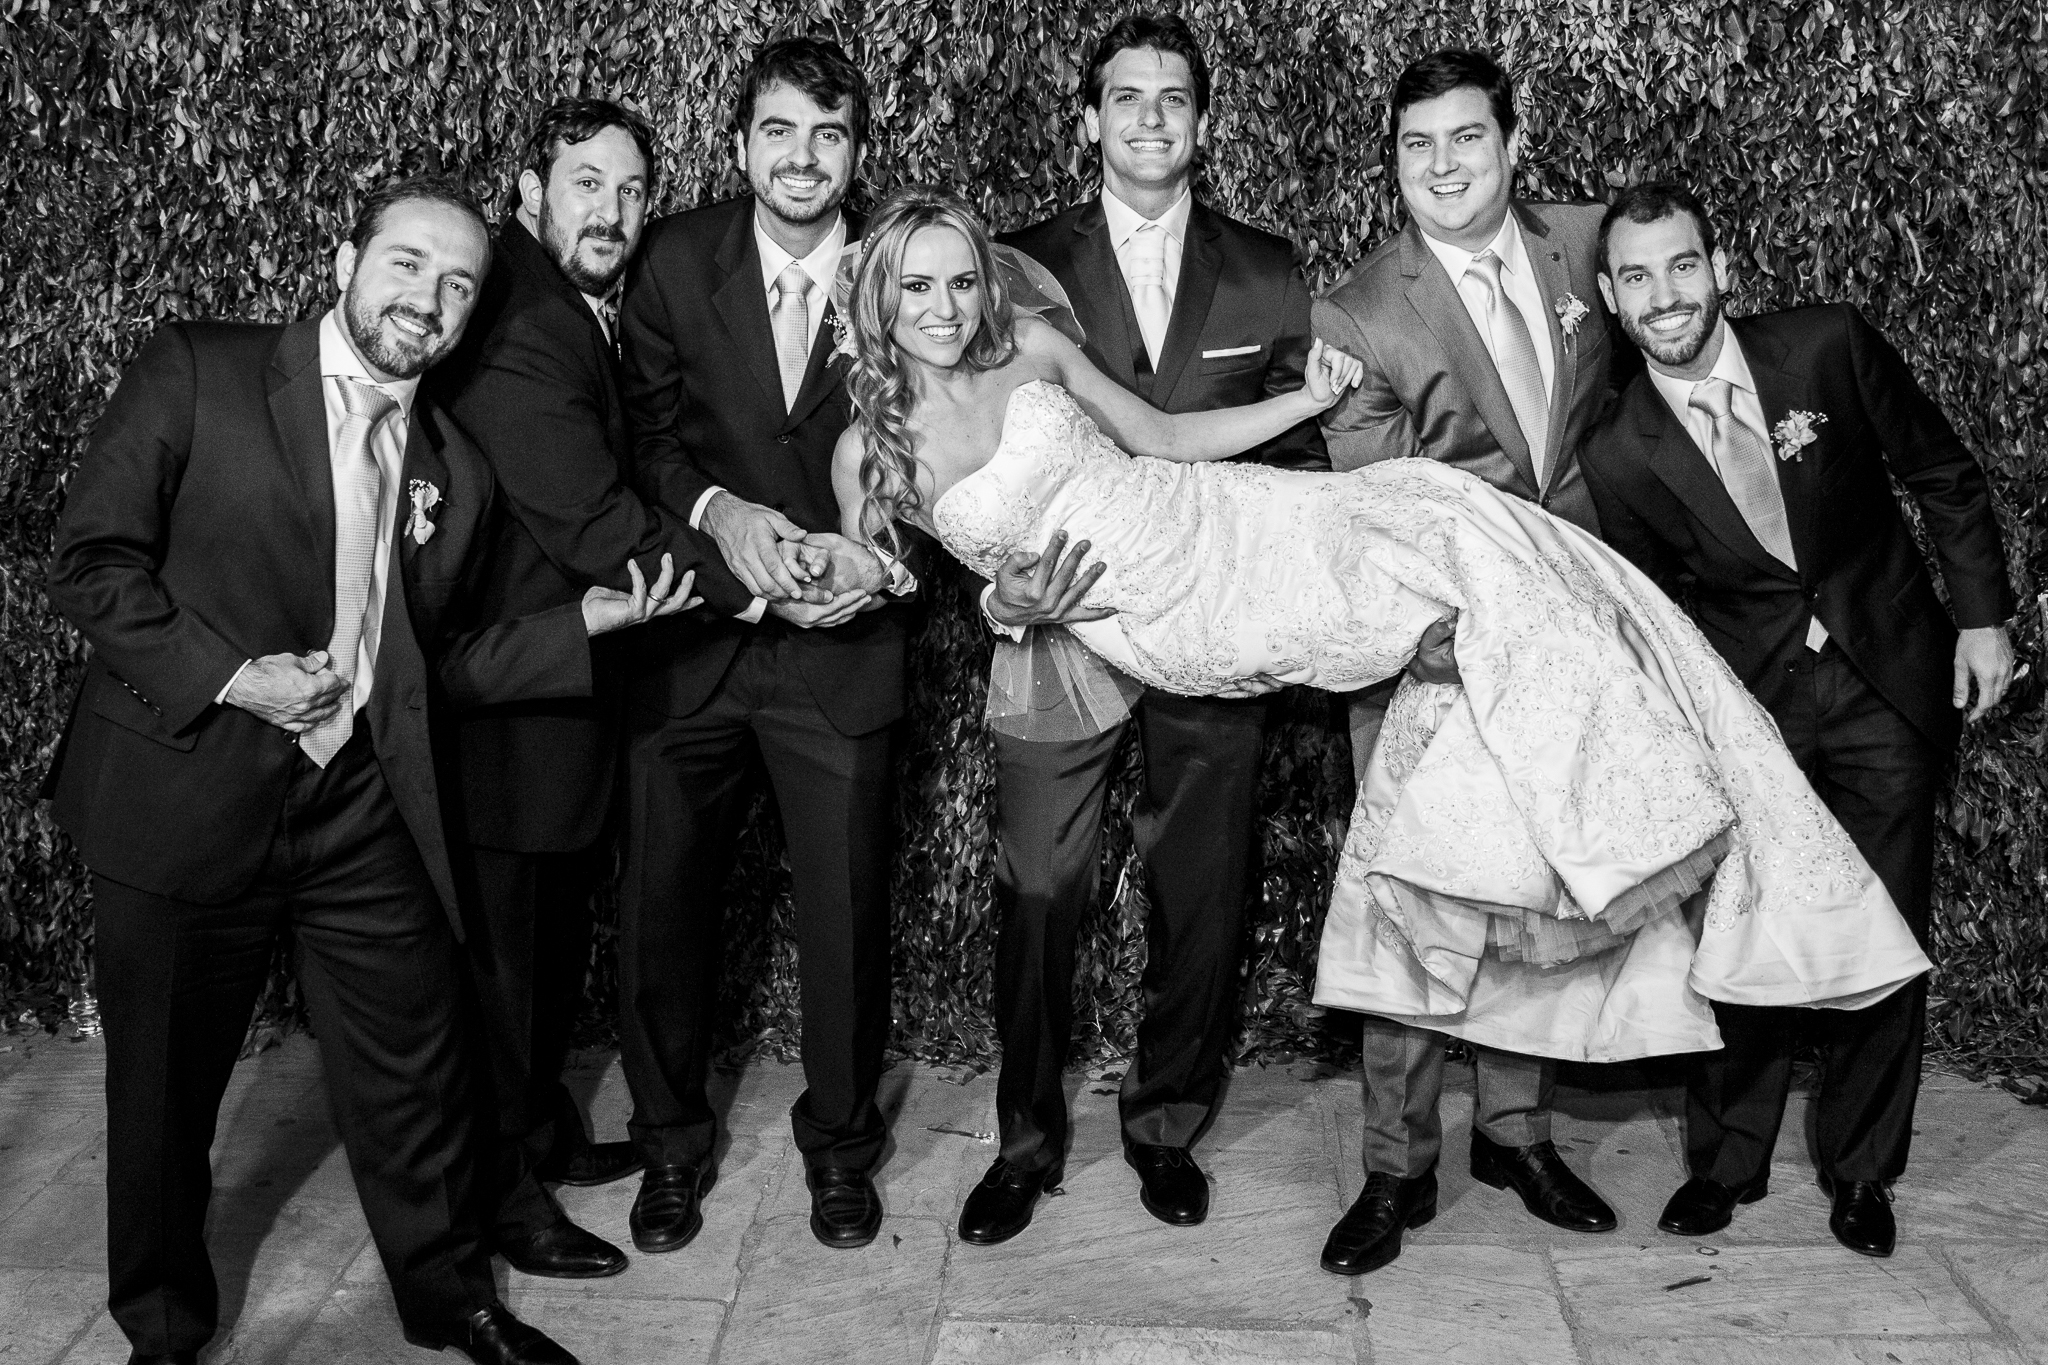 Contate Guilherme Fotografia, Fotógrafo de Casamento, Ensaios em Belo Horizonte e Região